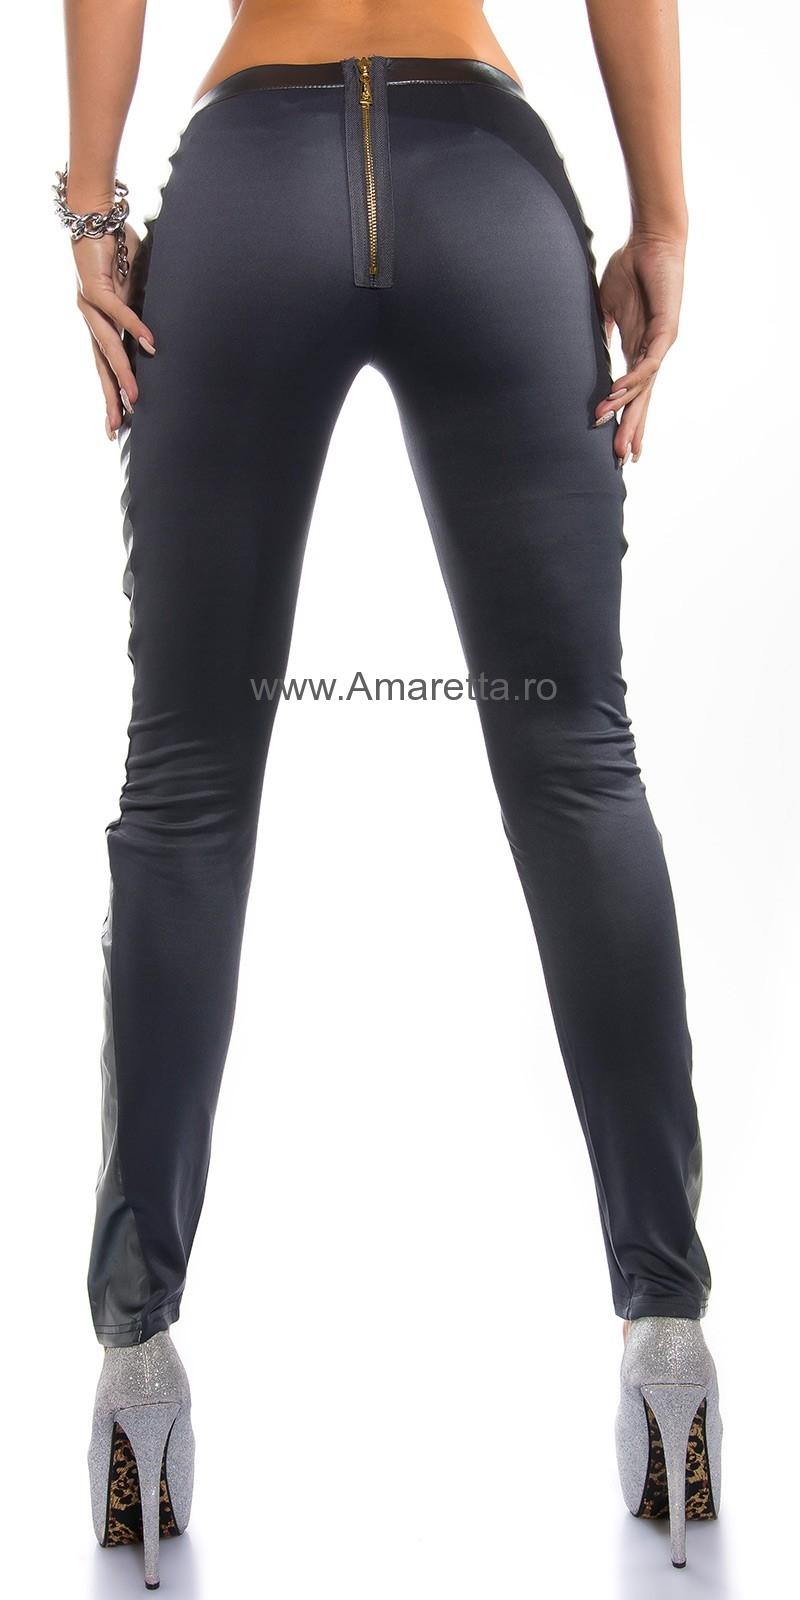 Pantaloni stramti sexy cu fermoar & piele ecologica appl.